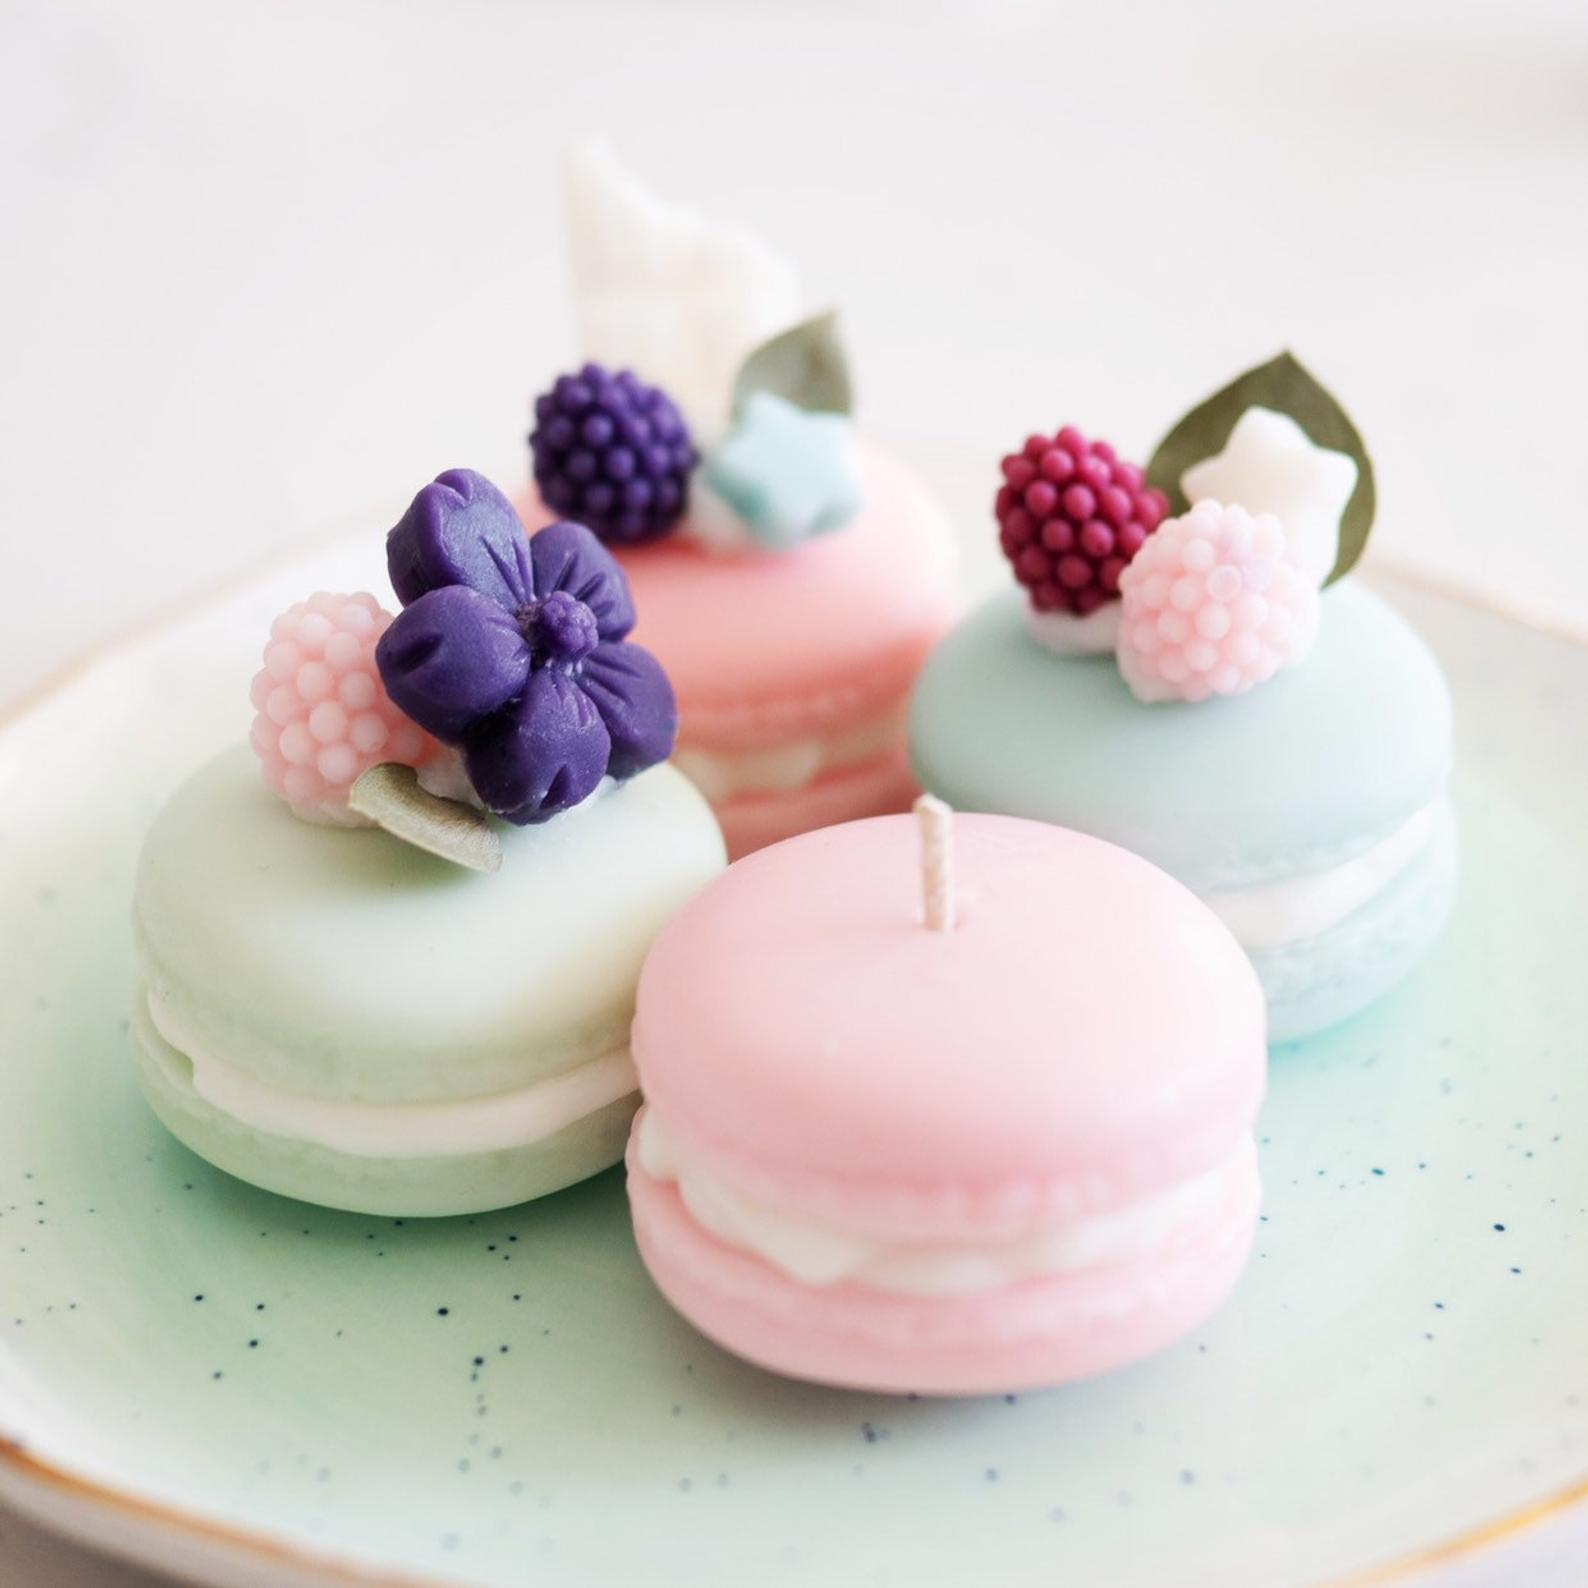 Gift Idea - Macaron Candles